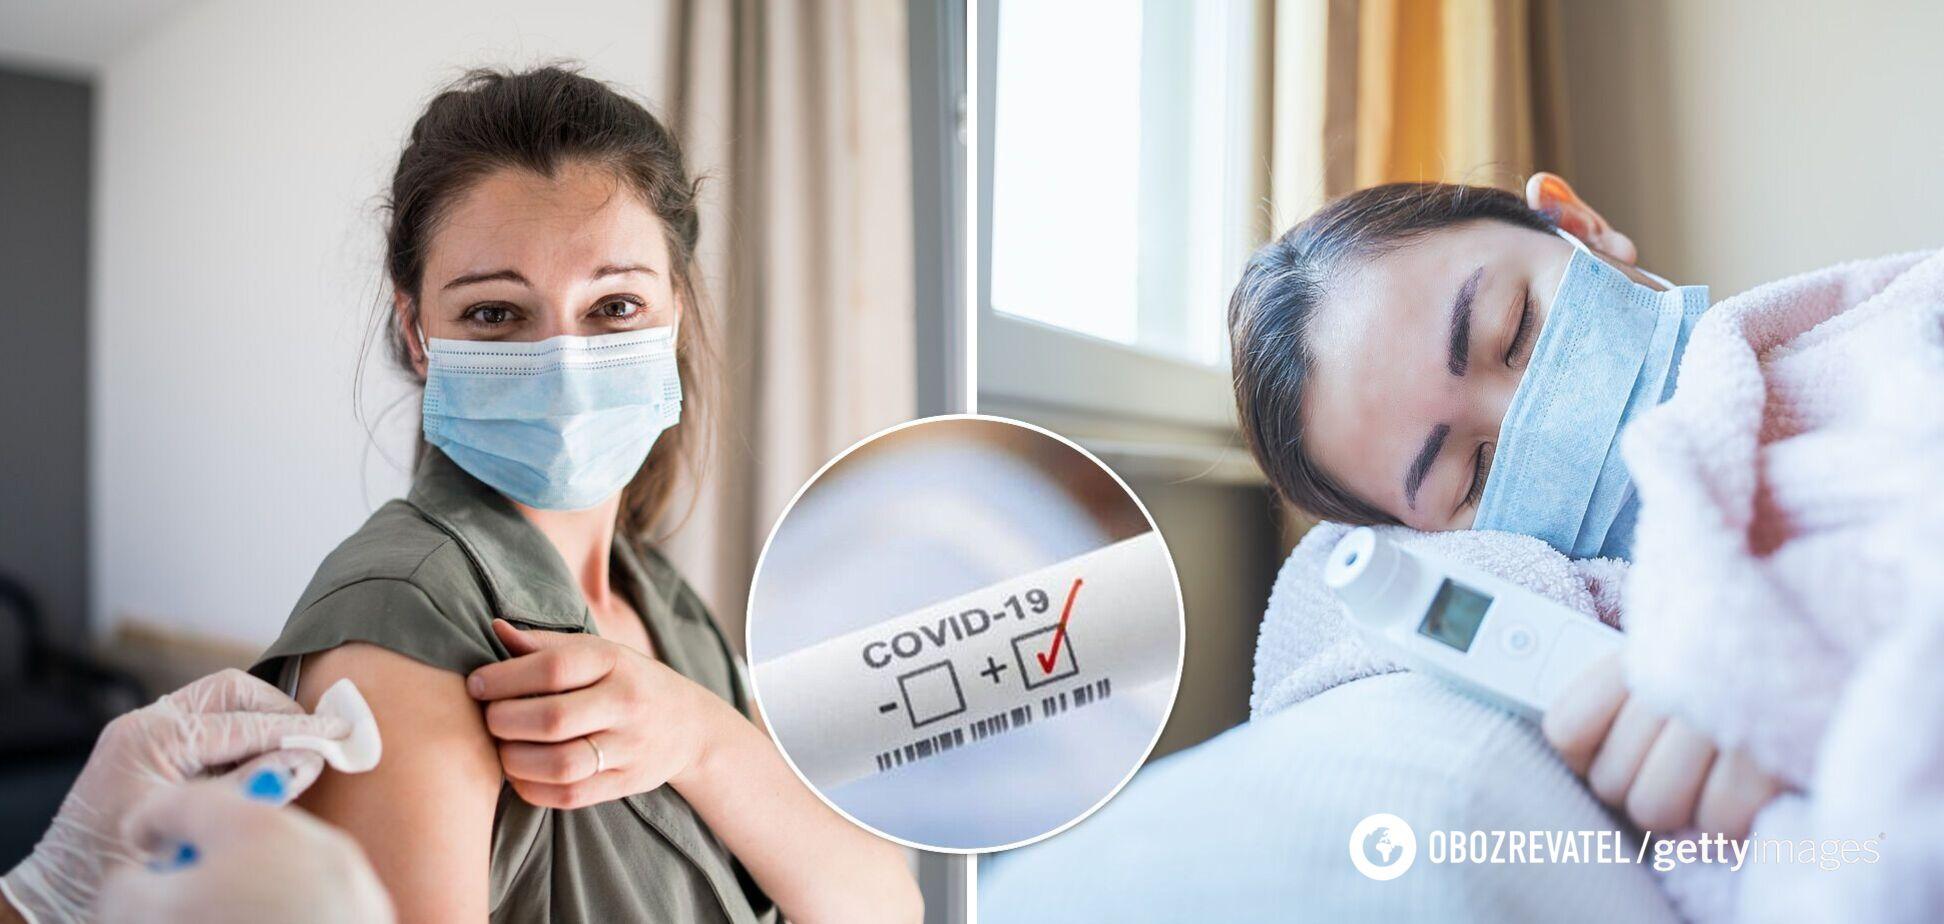 Вчені розповіли, як відрізнити симптоми після щеплення від захворювання COVID-19